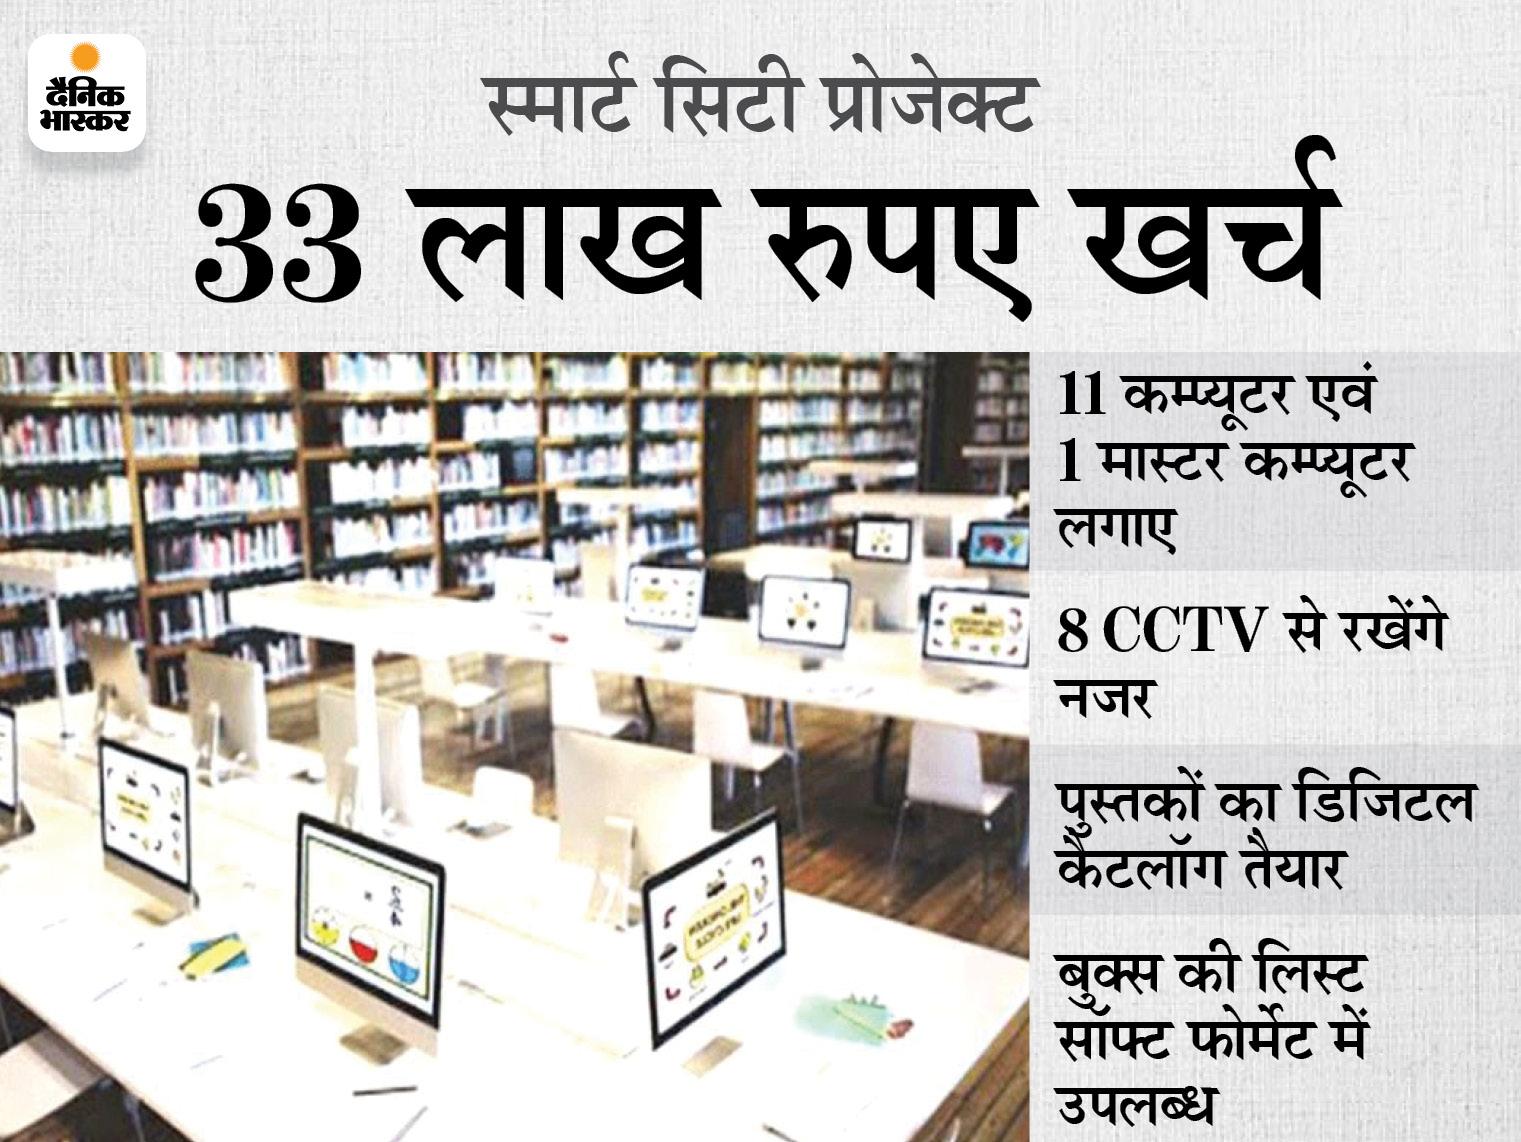 20 हजार से अधिक पुस्तकों का डिजिटलाइजेशन; ऐप के माध्यम से यूजरकरा सकेंगे अपना पंजीयन, कम्प्यूटर पर कर सकेंगे पढ़ाई|अजमेर,Ajmer - Dainik Bhaskar